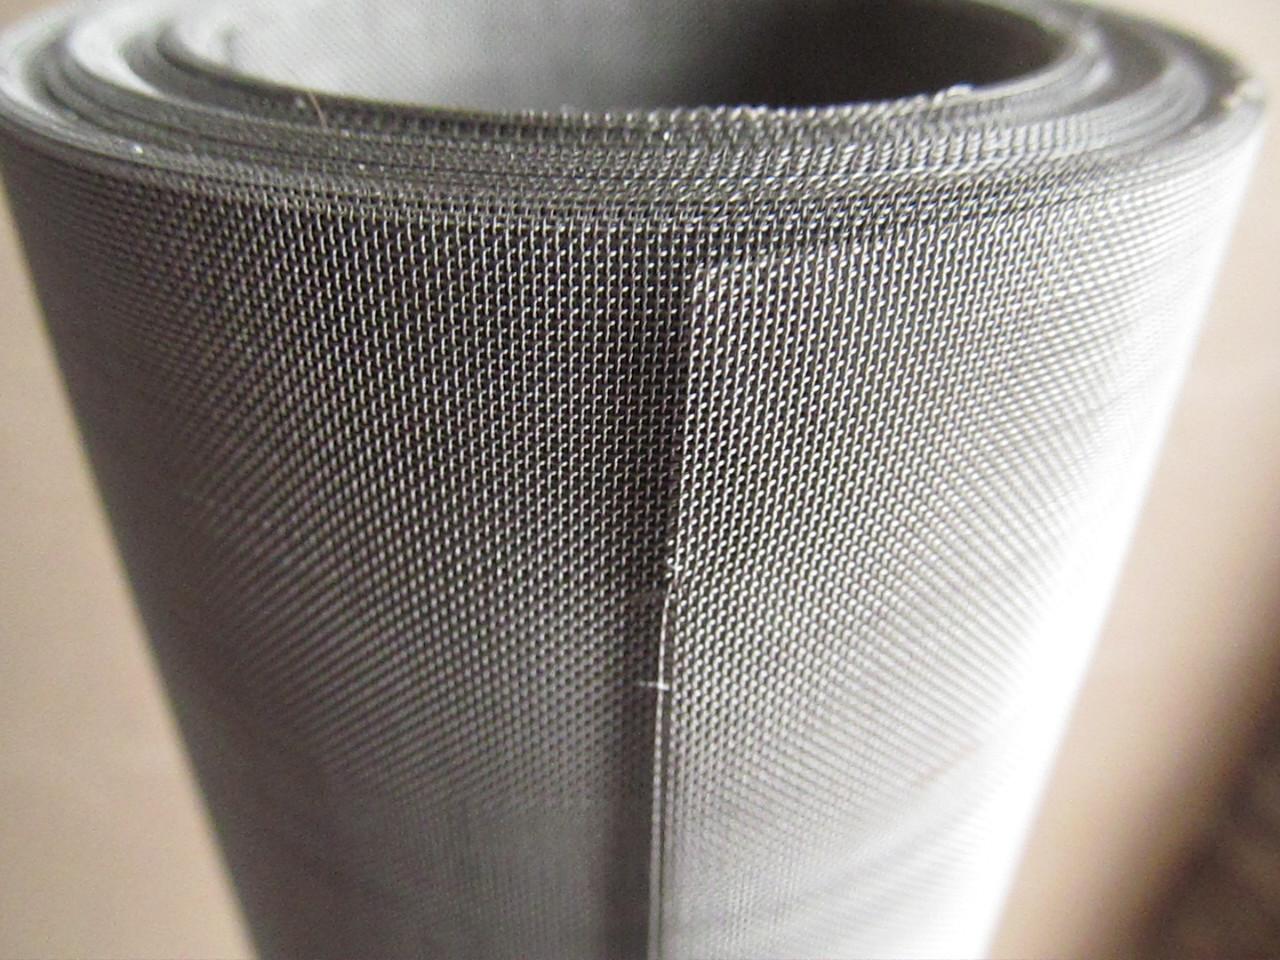 Сетка тканая из нержавеющей проволоки. Ячейка: 0,63мм, Проволока: 0,32мм, Ширина 1м.